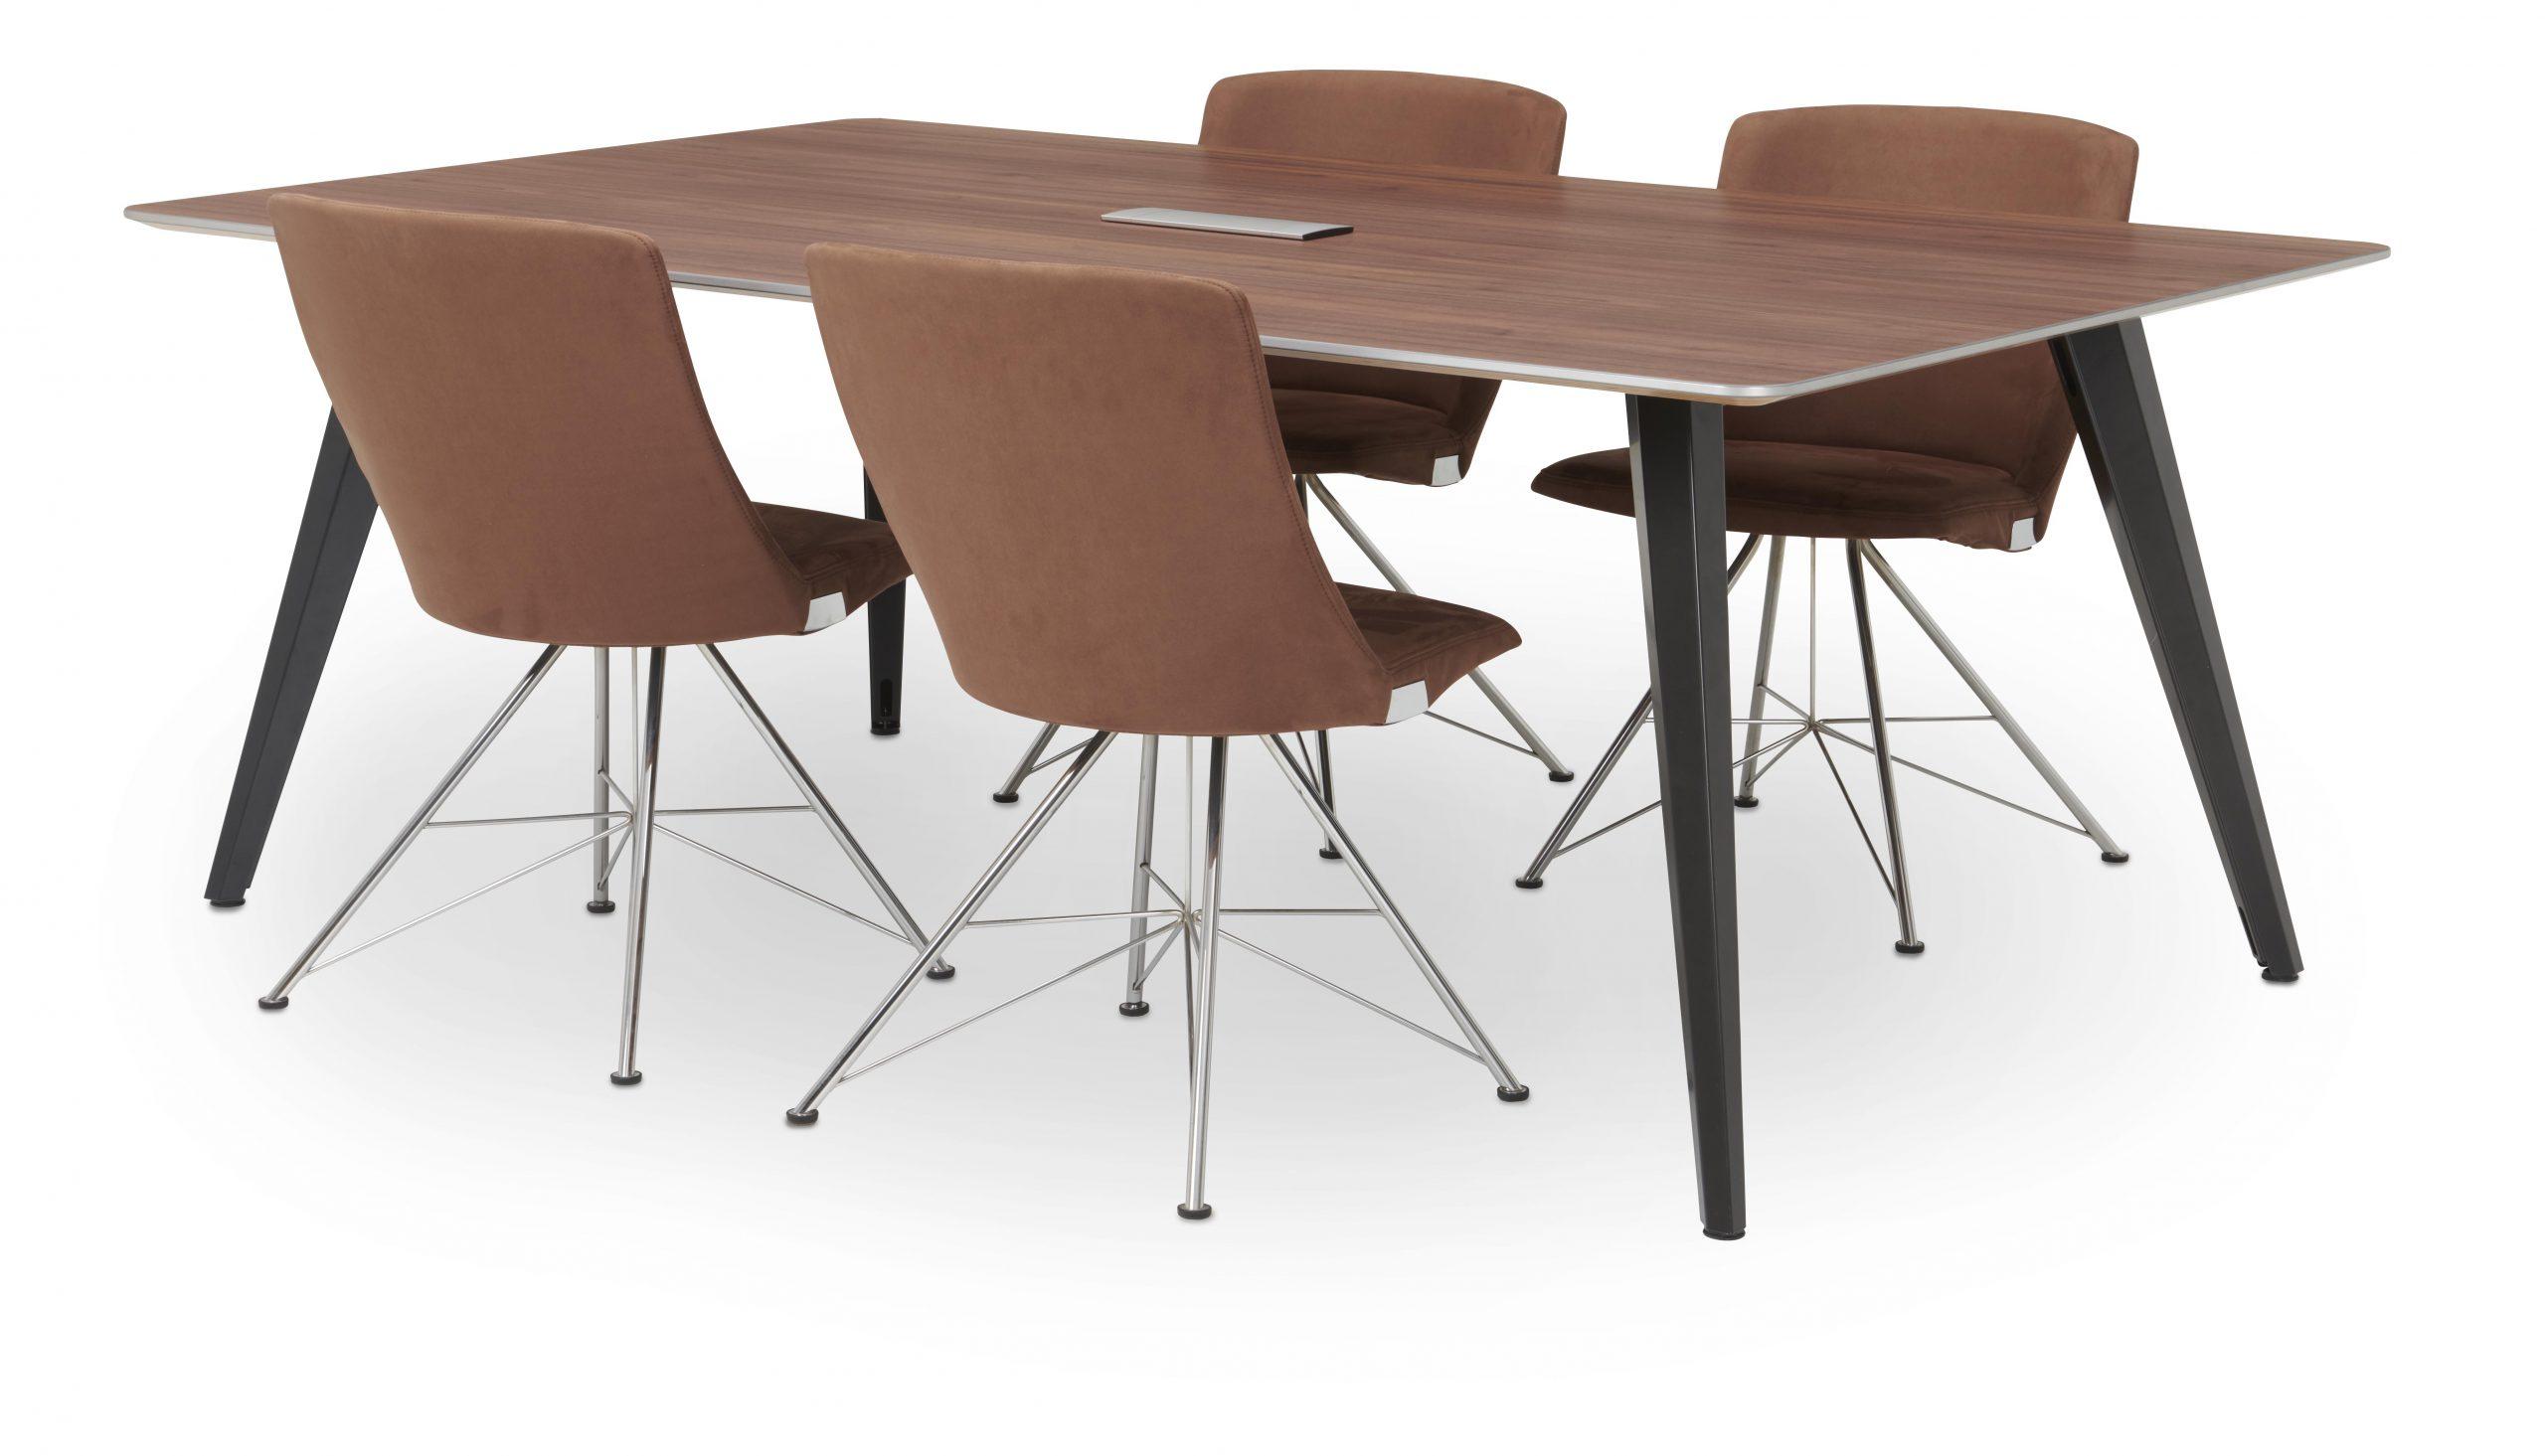 200 x 120 noten metal gun bruine stoel